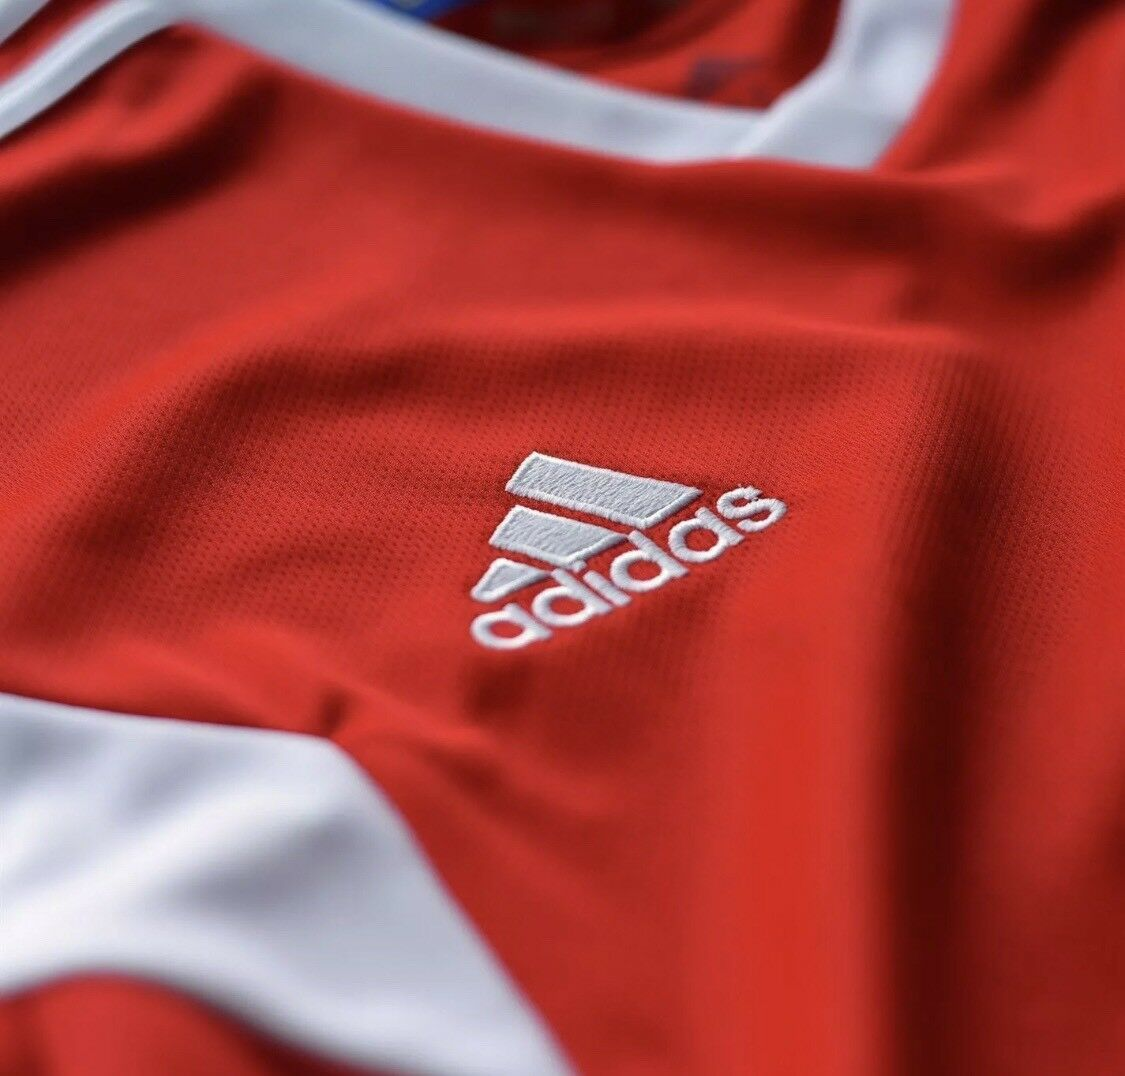 Adidas russia jersey fifa 2018 world cup 2018 fifa unisex rosso / bianco calcio calcio alto xs a66ec6